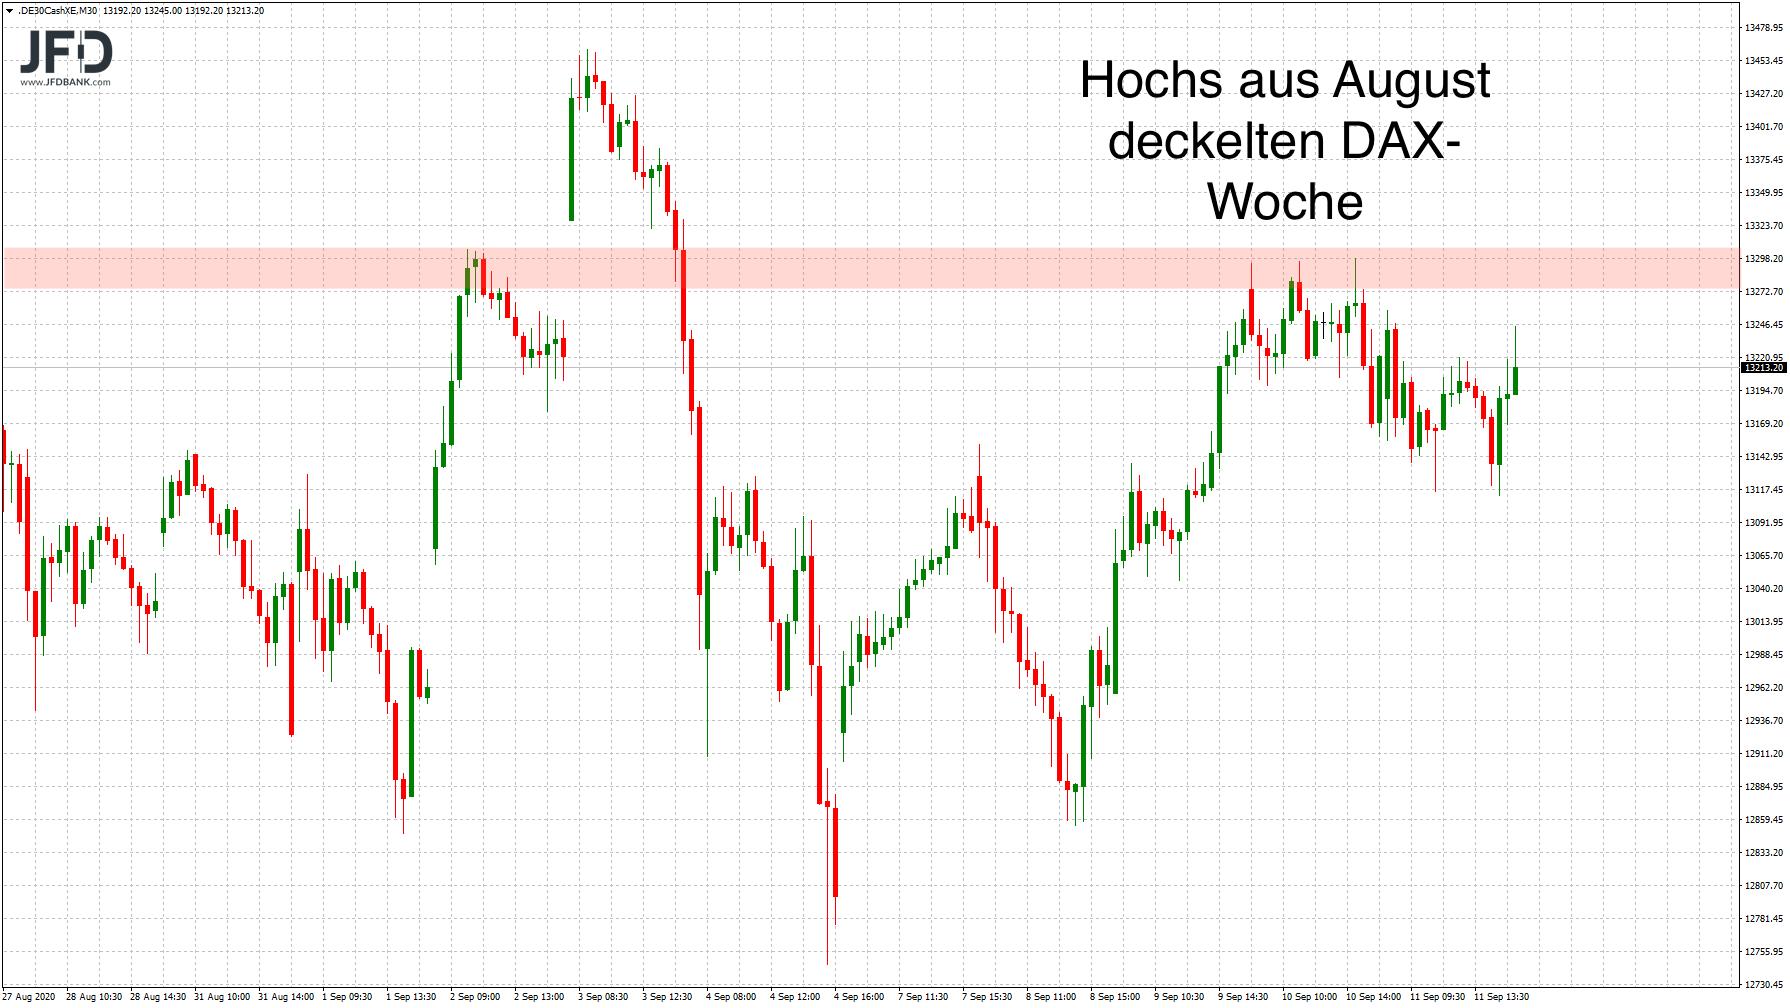 Dienstag-vor-der-FED-Weiter-Zurückhaltung-im-DAX-Kommentar-JFD-Bank-GodmodeTrader.de-1